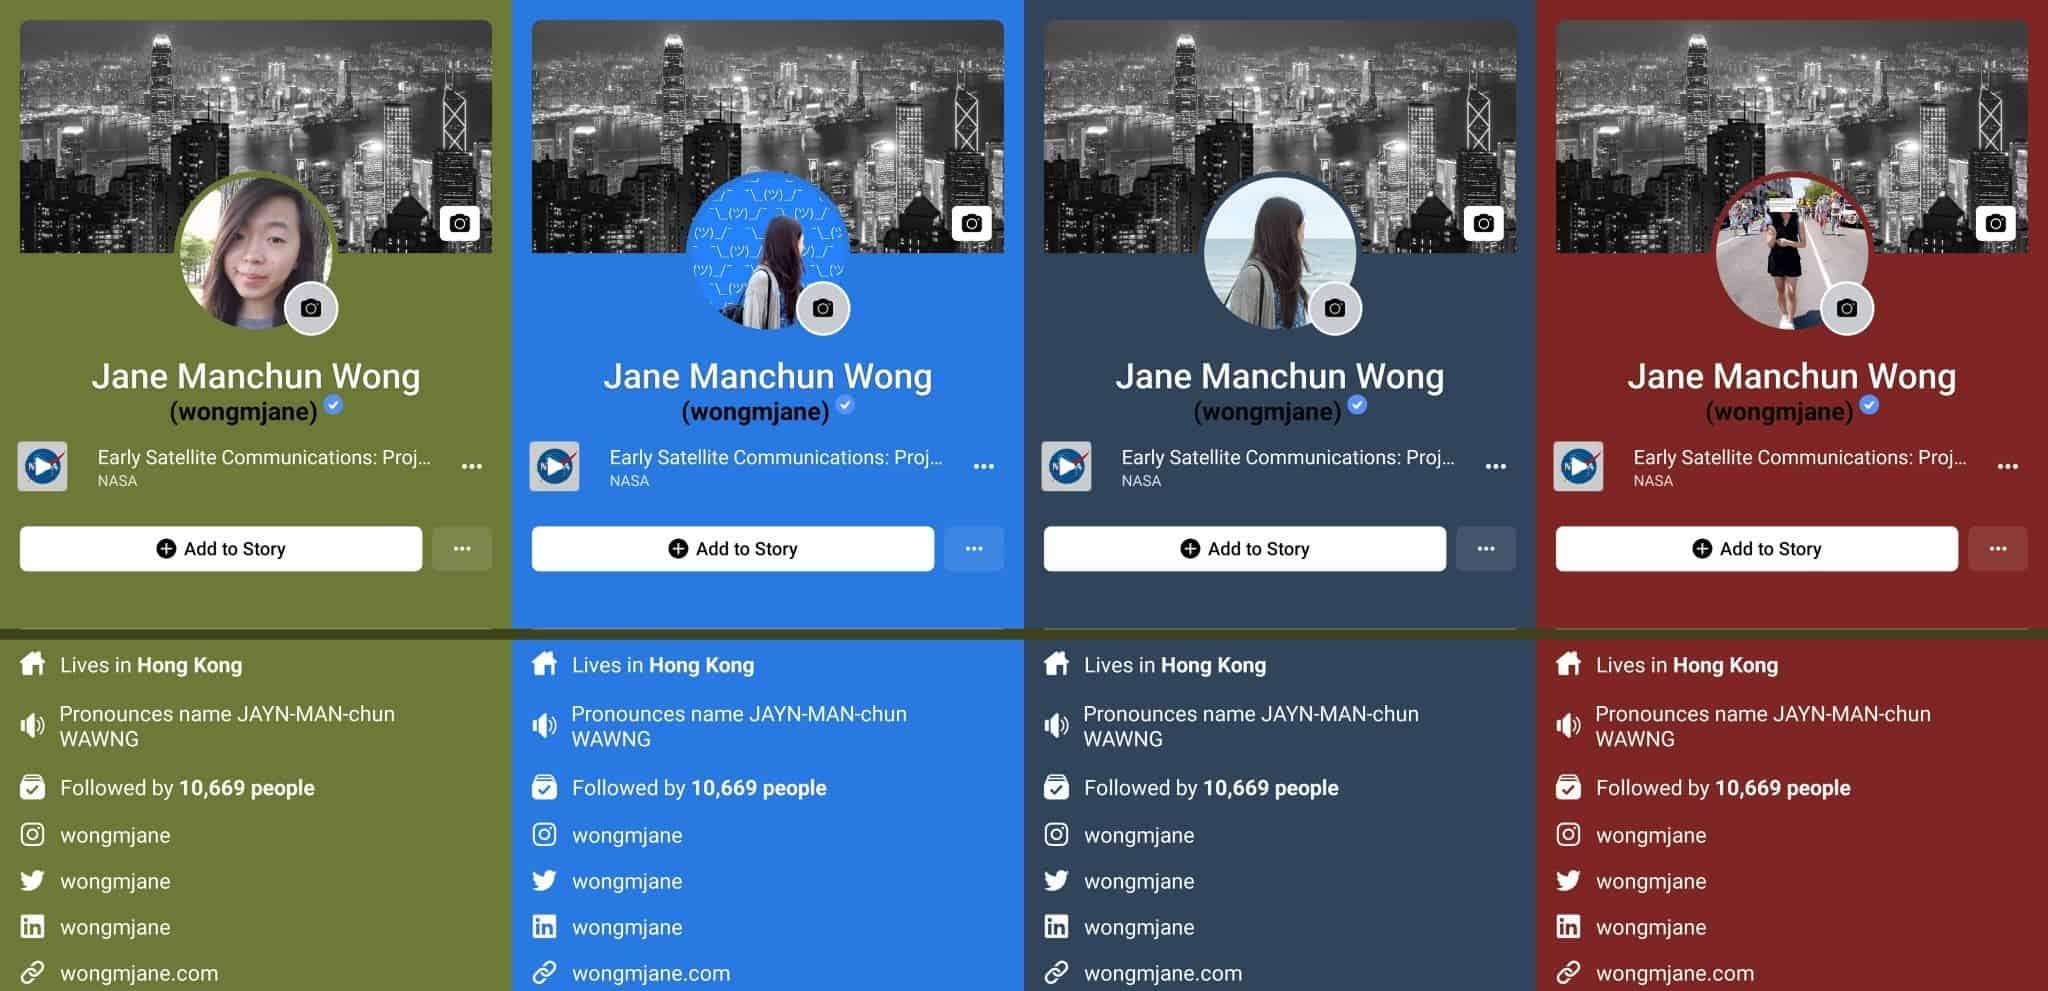 DIGBUSEL - Fitur Baru Facebook App: Warna Adaptif Sebagai Latar Belakang